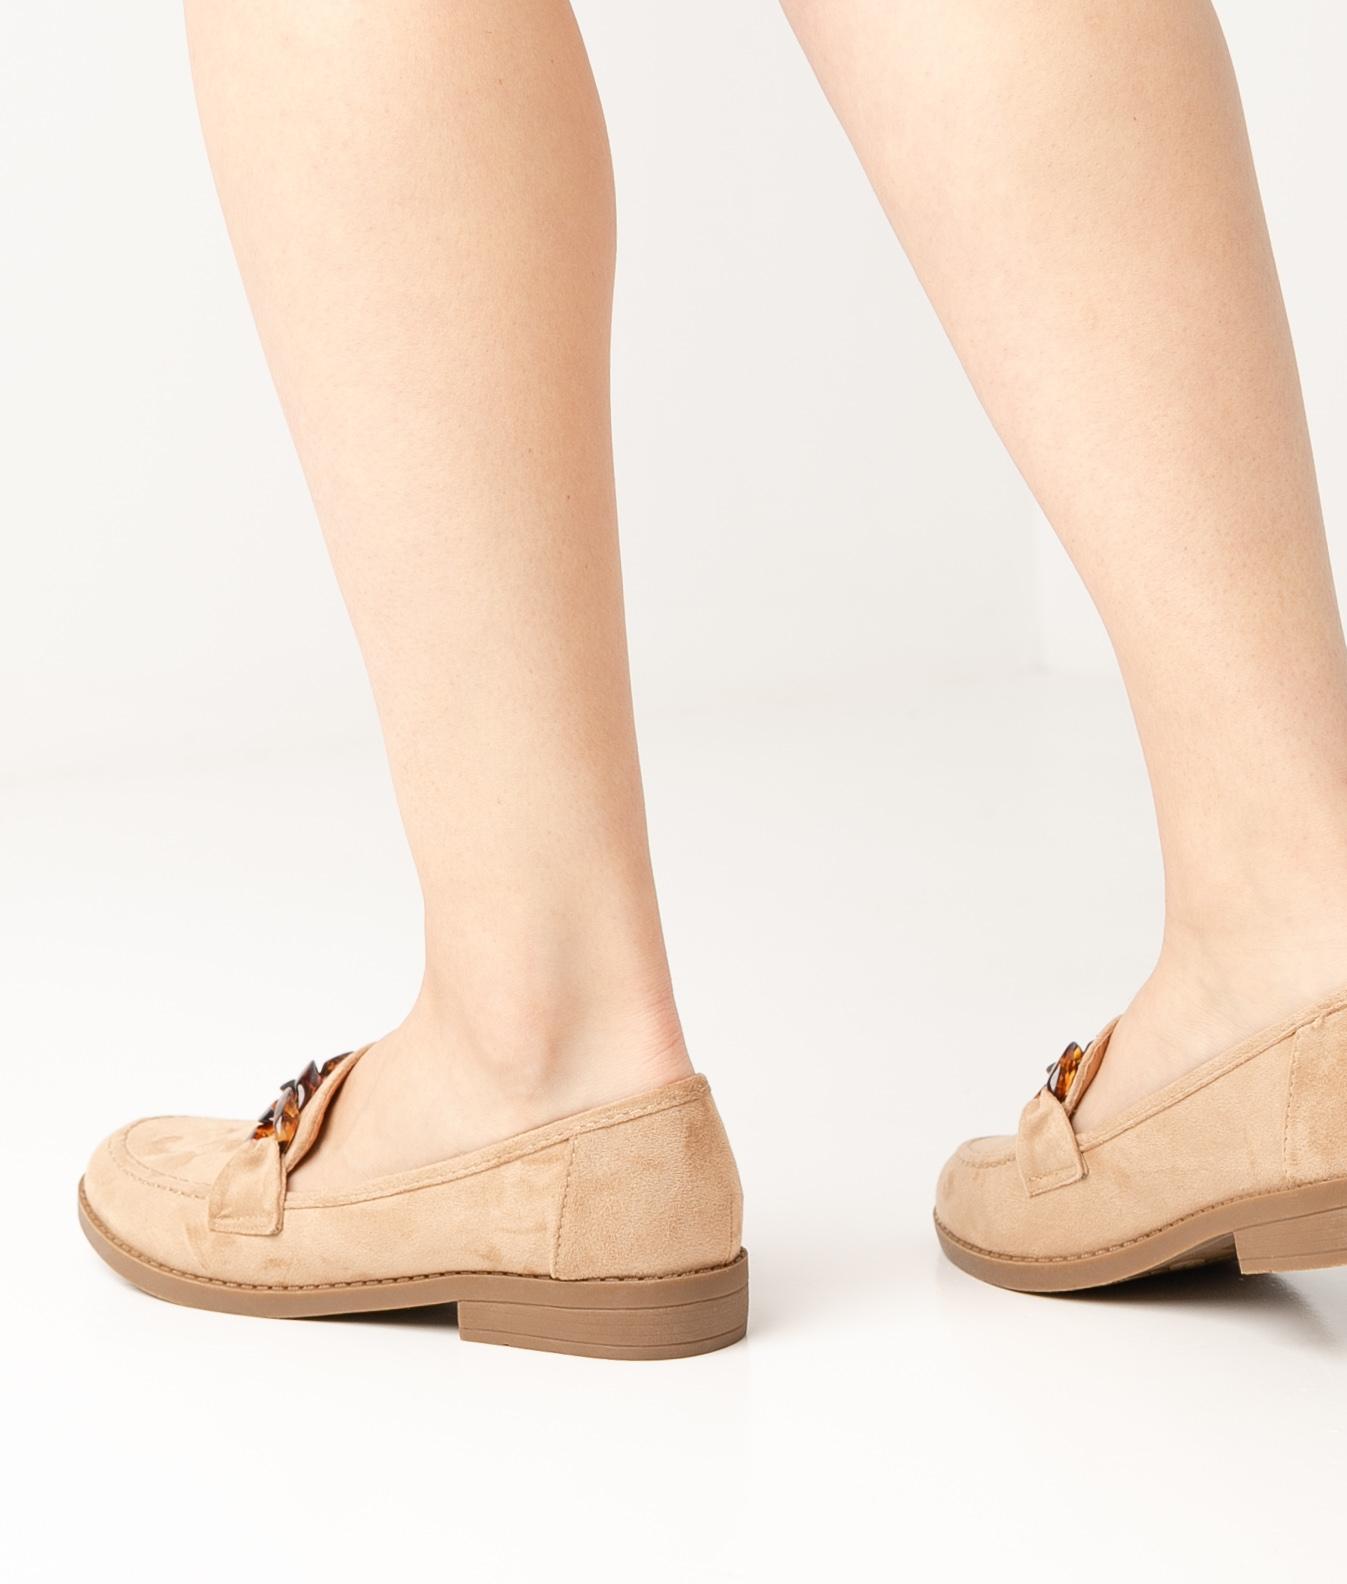 Sapato VARNA - BEGE